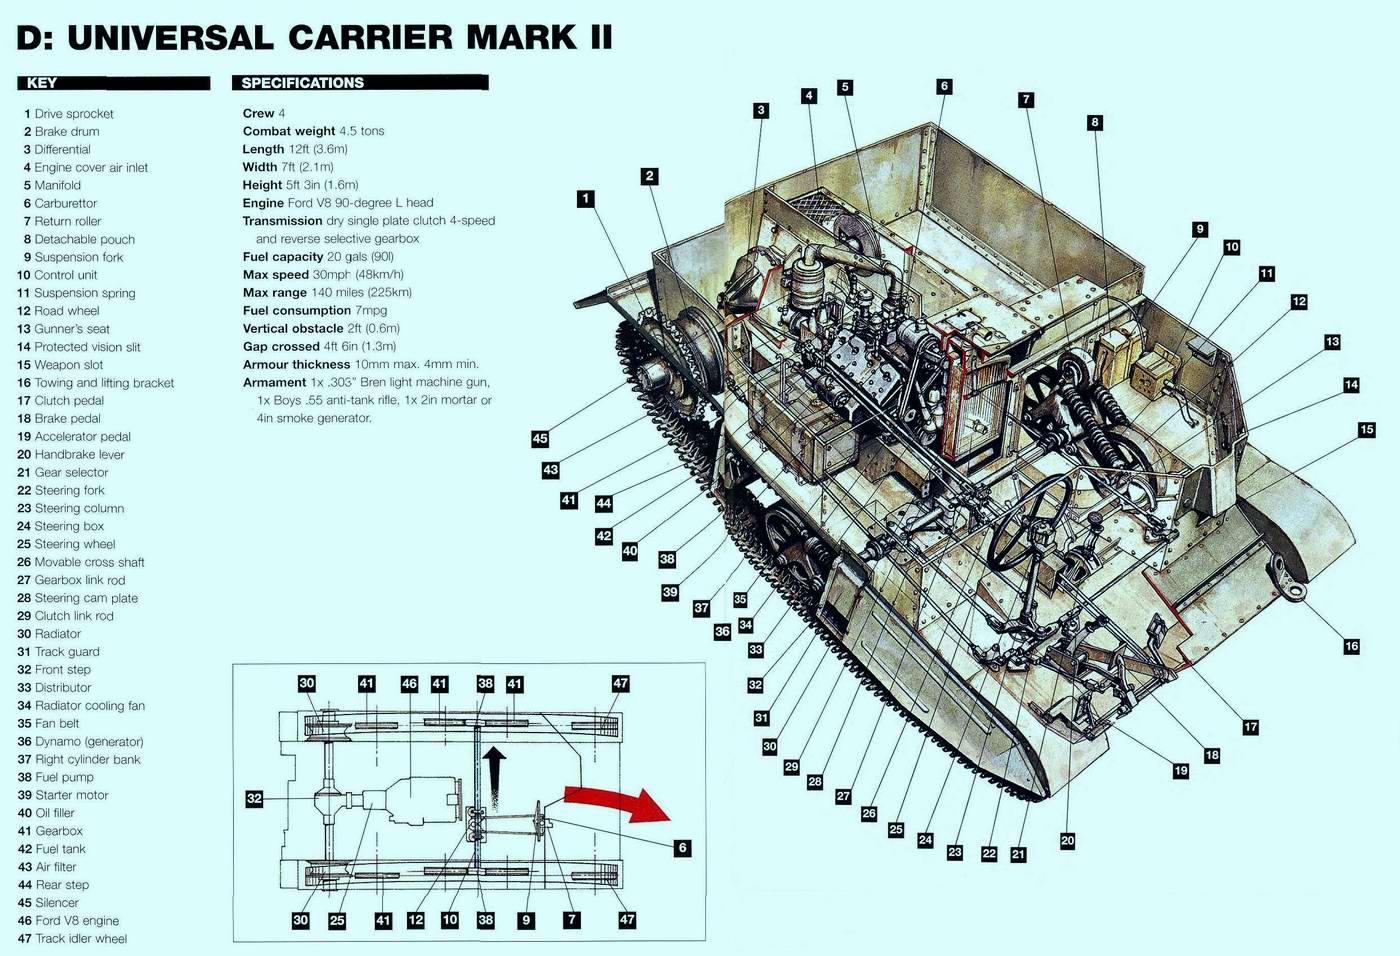 Mk2 Universal Carrier (1936 - 60 г.г.) - Мк2 - легкий многоцелевой бронетранспортер (Великобритания)